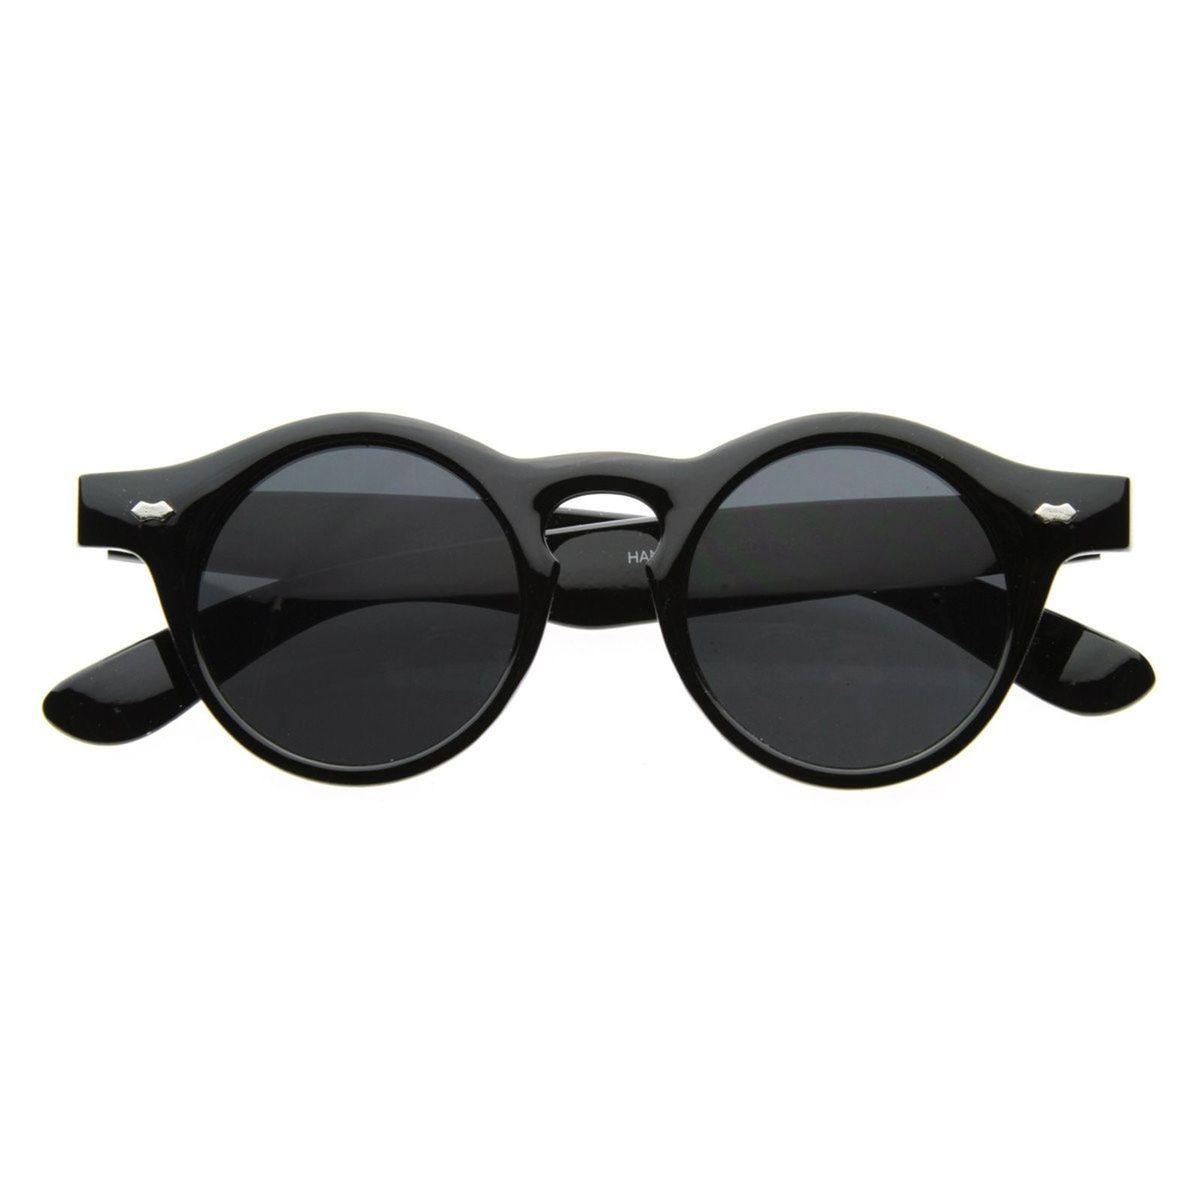 9c8dcf96a Óculos de Sol Redondo Pequeno - Unissex   Óculos Feminino Nunca Usado  21558378   enjoei